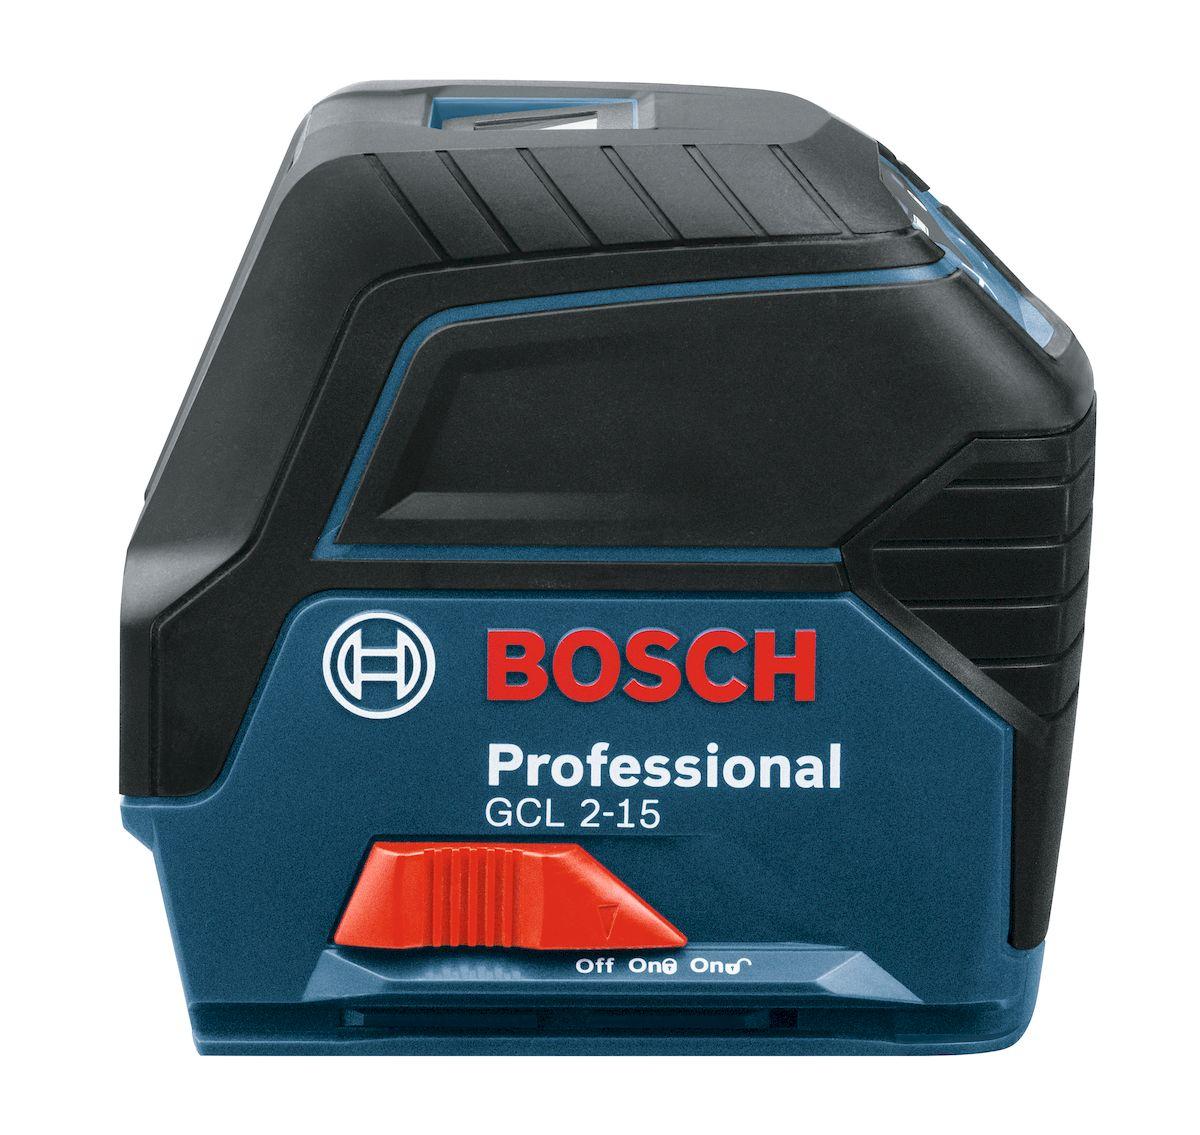 Лазерный нивелир Bosch GCL 2-15, с держателем RM1. 0601066E000601066E00Преимущества продукта Лазерные линии с четкой видимостью – для быстрого вертикального и горизонтального выравнивания Удлиненная проекция вертикальной линии – для расширенных возможностей применения Простая и понятная клавиатура для выбора режима работы – для удобства эксплуатации RM 1 совместим с потолочным зажимом – для работы с каркасом подвесного потолка Съемный держатель RM 1 с поворотной площадкой - для легкого ручного позиционирования лазерных линий вокруг точки отвеса Кнопка Вкл/Выкл с блокировкой маятника – для безопасной транспортировки и работы в режиме наклона Технические характеристики Диапазон измерения 15 м Рабочий диапазон точек отвеса 10 м (вверх и вниз) Класс лазера: 2 Точность измерения, стандарт. +/- 0,3 мм/м Элементы питания 3 x 1.5 V (AA) Класс защиты IP54 Рабочий температурный диапазон -20°C…+70°C Комплектация: Чехол на липучке Держатель RM1 Батарейки Мишень